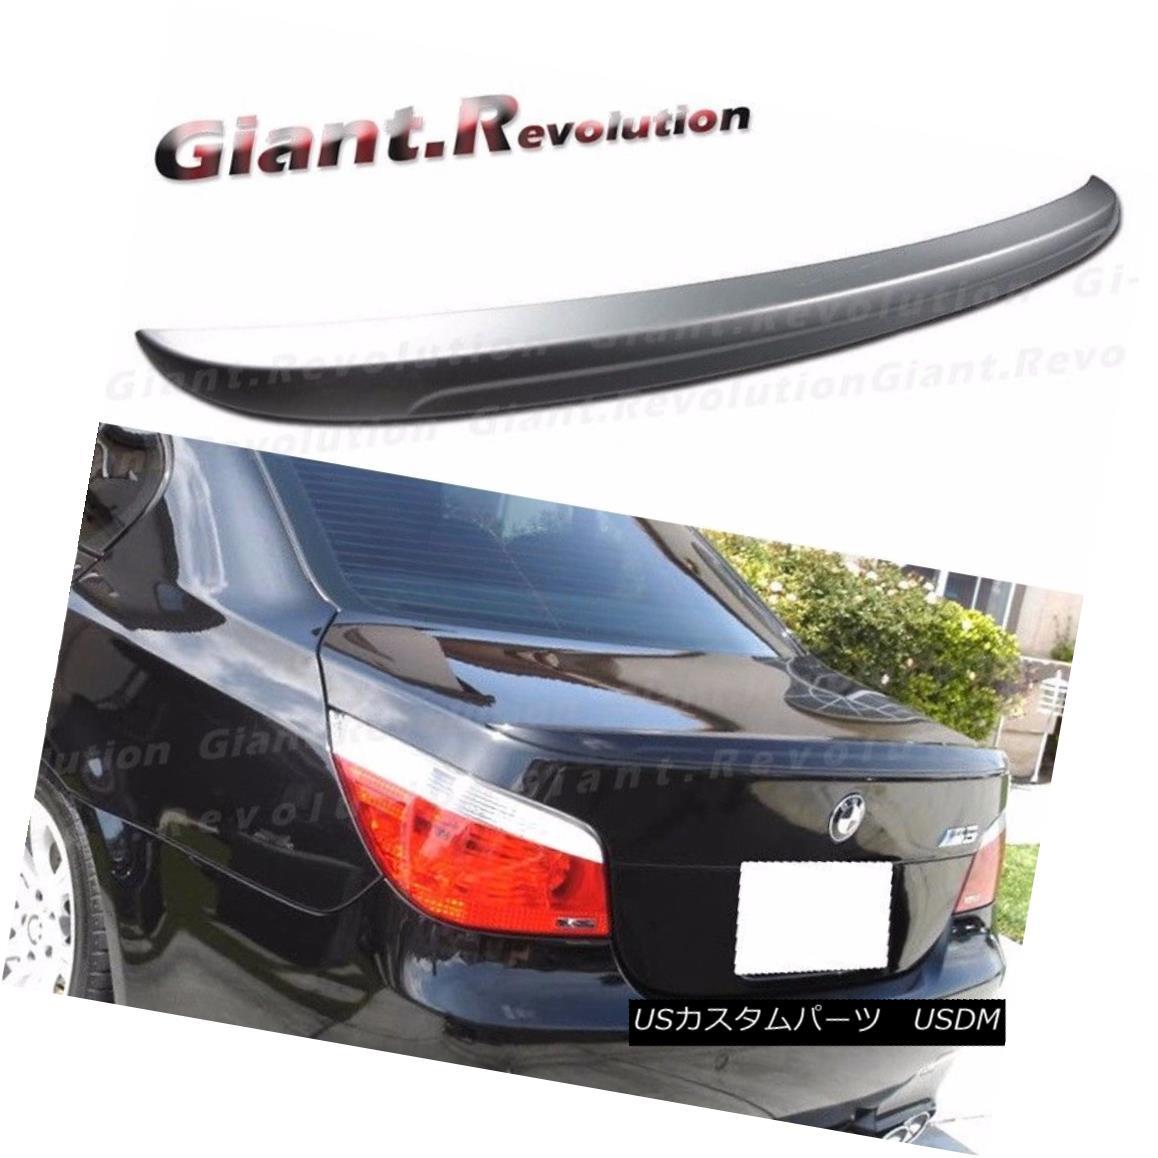 エアロパーツ Painted M Type Trunk Boot Spoiler Tail For BMW 04-10 E60 528i 550i 530i M5 Sedan BMW 04-10 E60 528i 550i 530i M5セダン用ペイントMタイプトランクブーツスポイラーテール